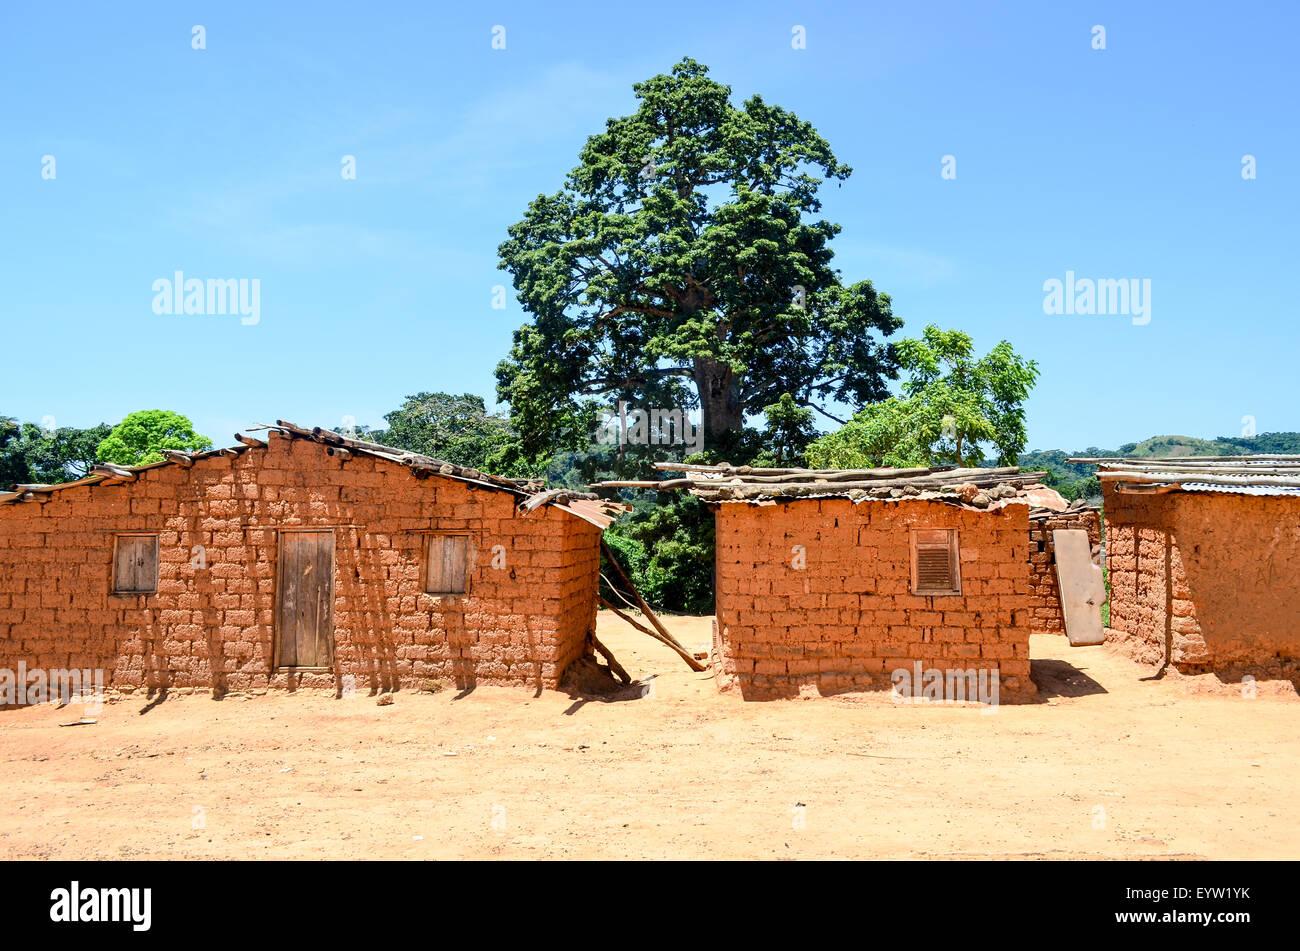 Case Di Mattoni Di Fango : Case di paglia come autocostruire una casa naturale e